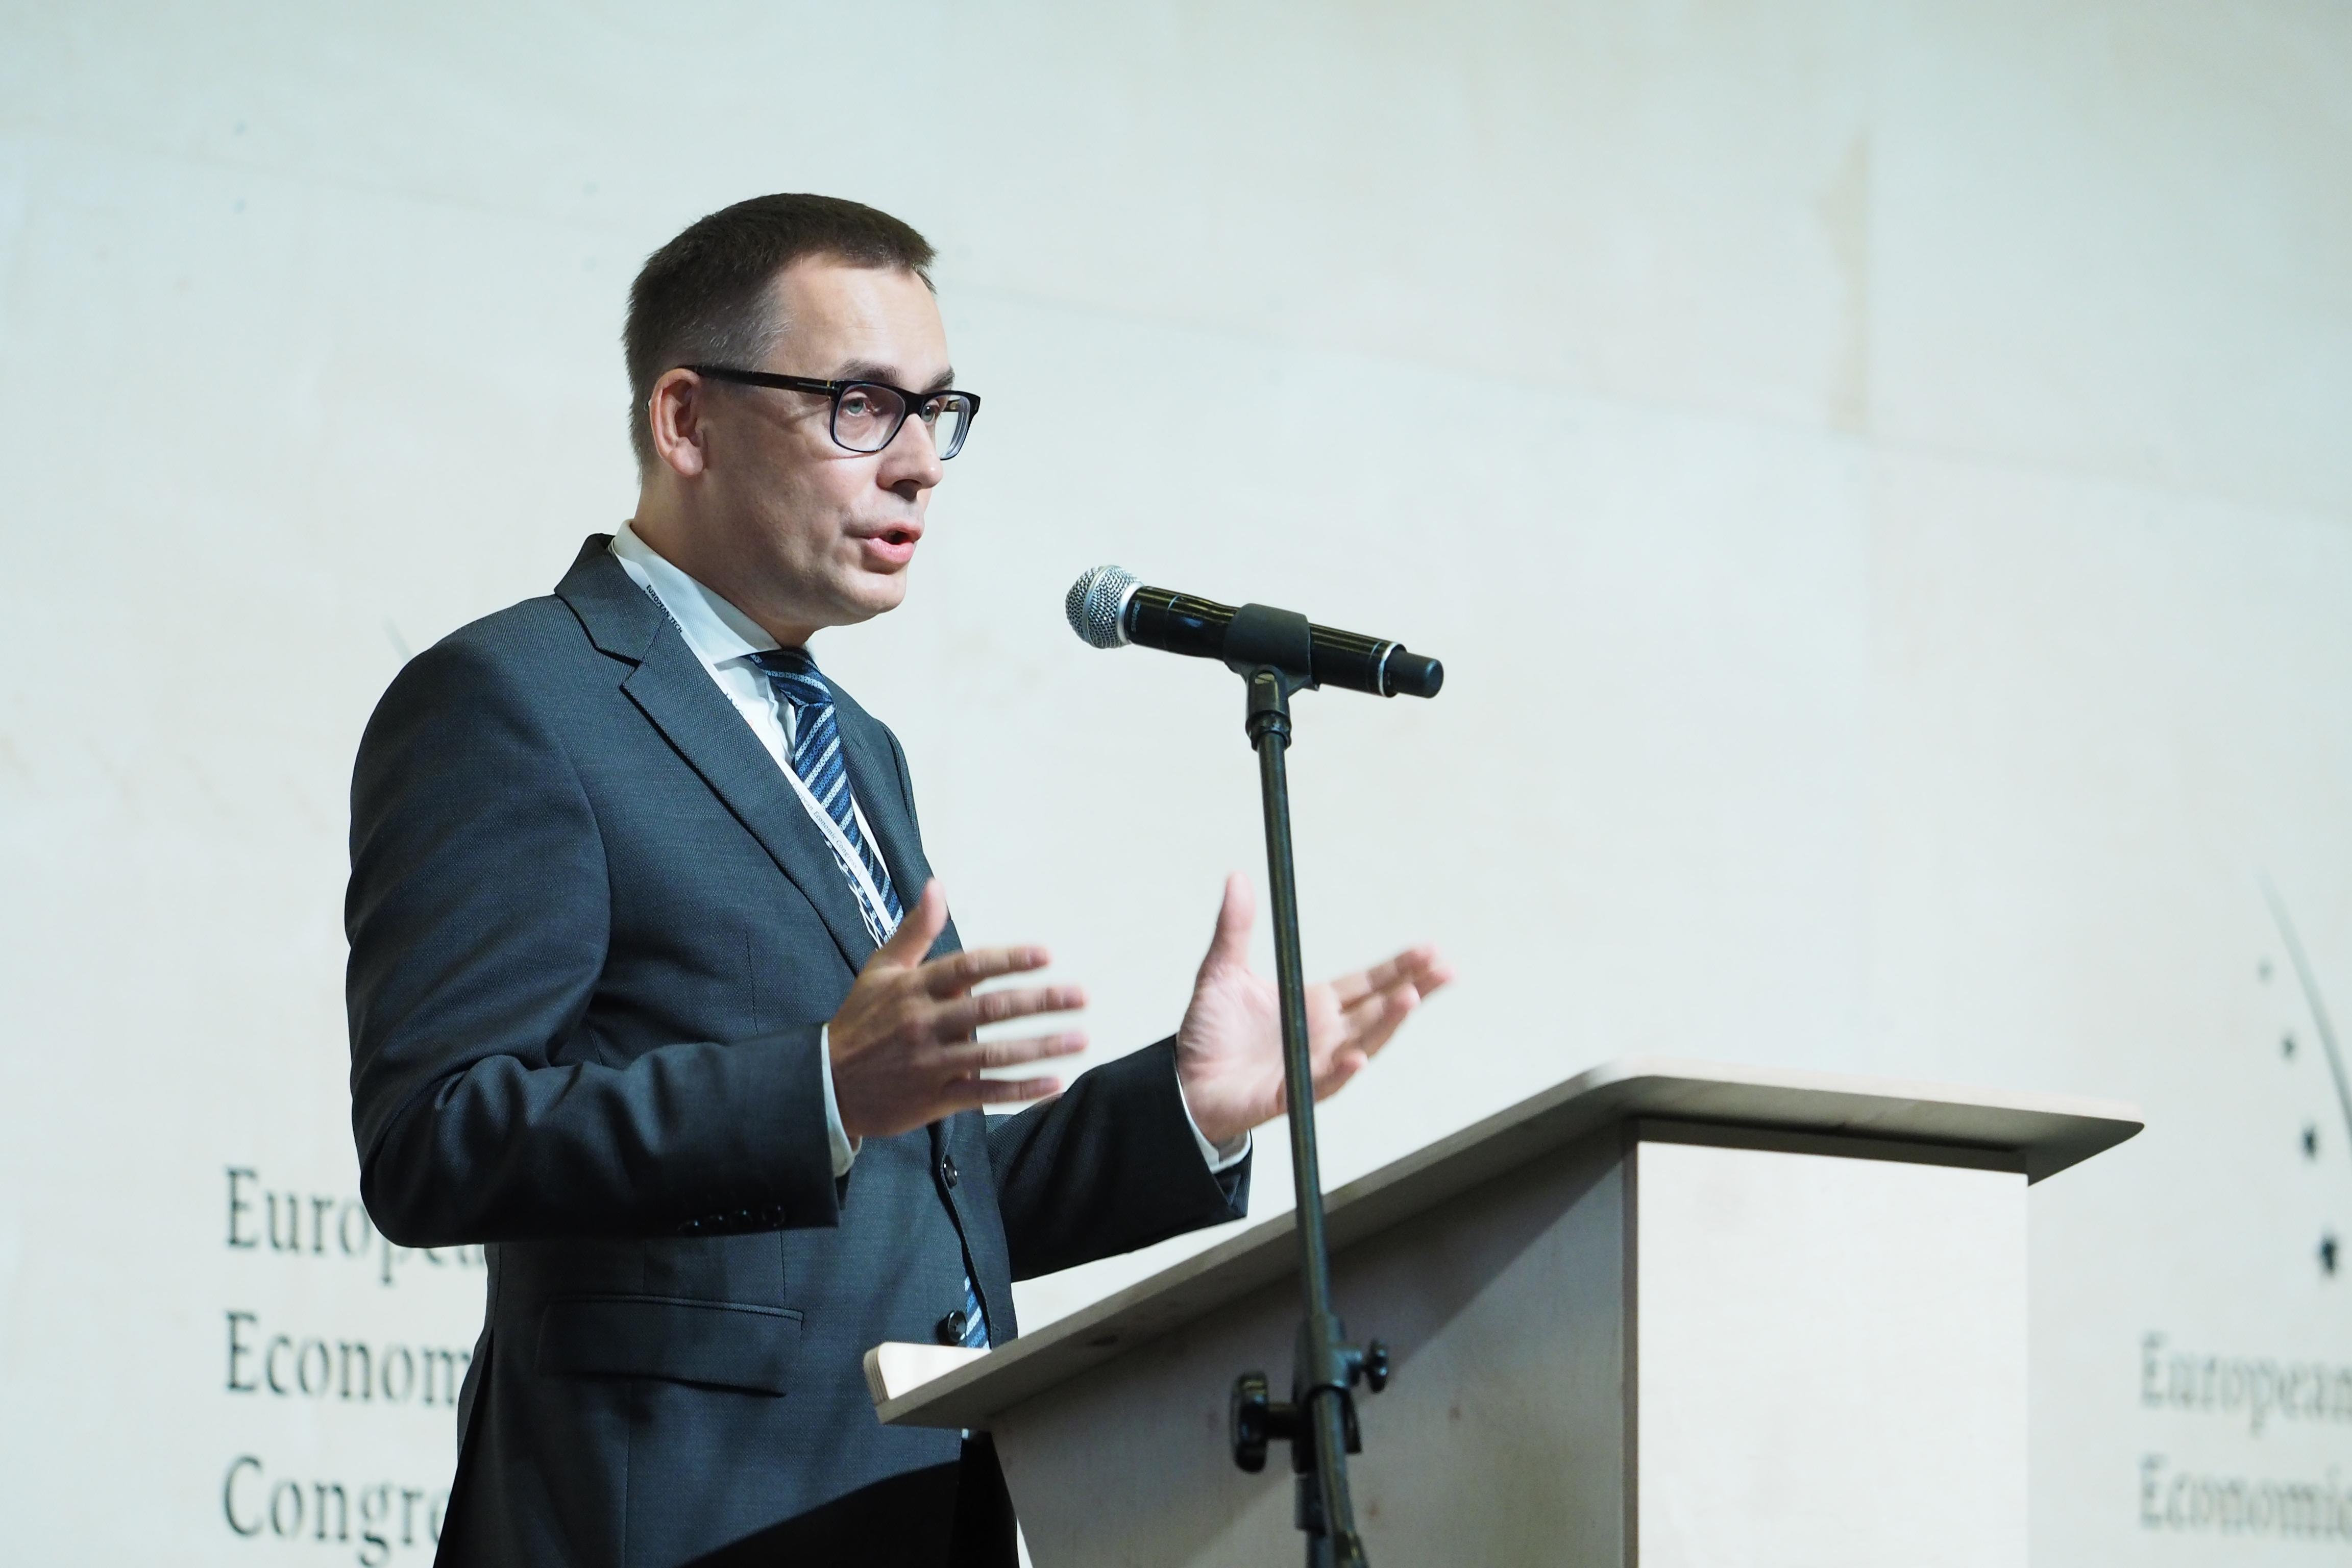 Wojciech Kuśpik, prezes PTWP, inicjator Europejskiego Kongresu Gospodarczego. Fot. PTWP